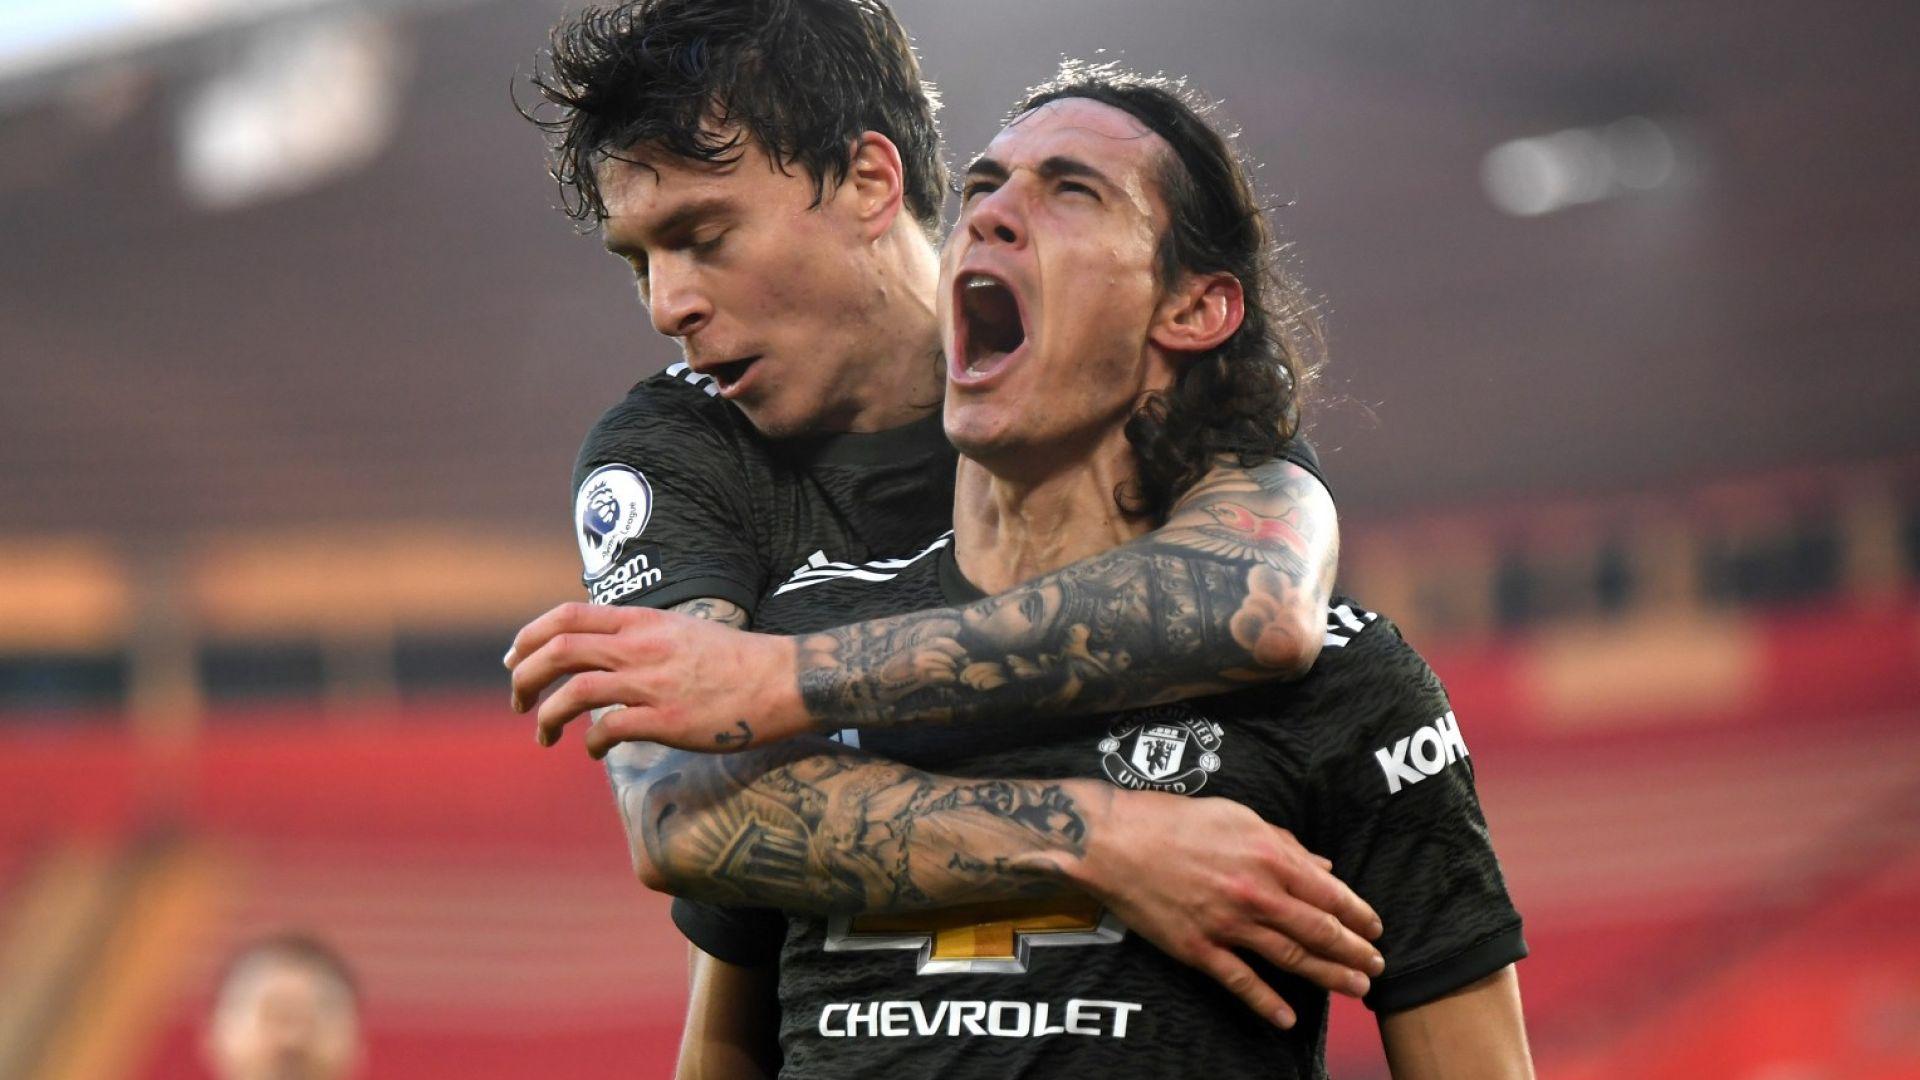 Ел Матадор Кавани спаси кожата на Юнайтед в голяма драма